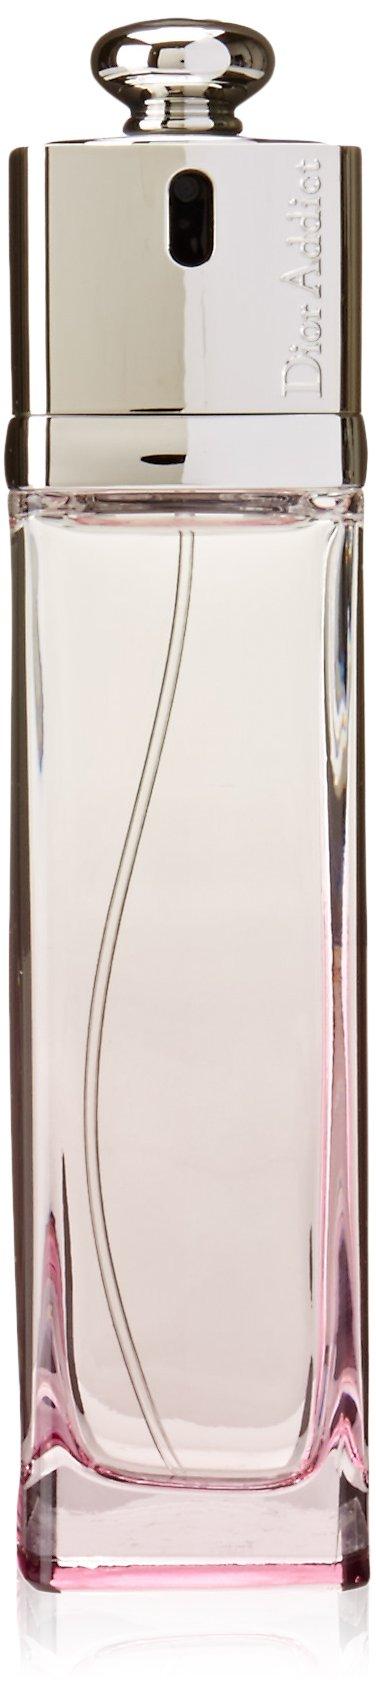 Dior Addict Eau Fraiche by Christian Dior for Women - 3.4 oz EDT Spray